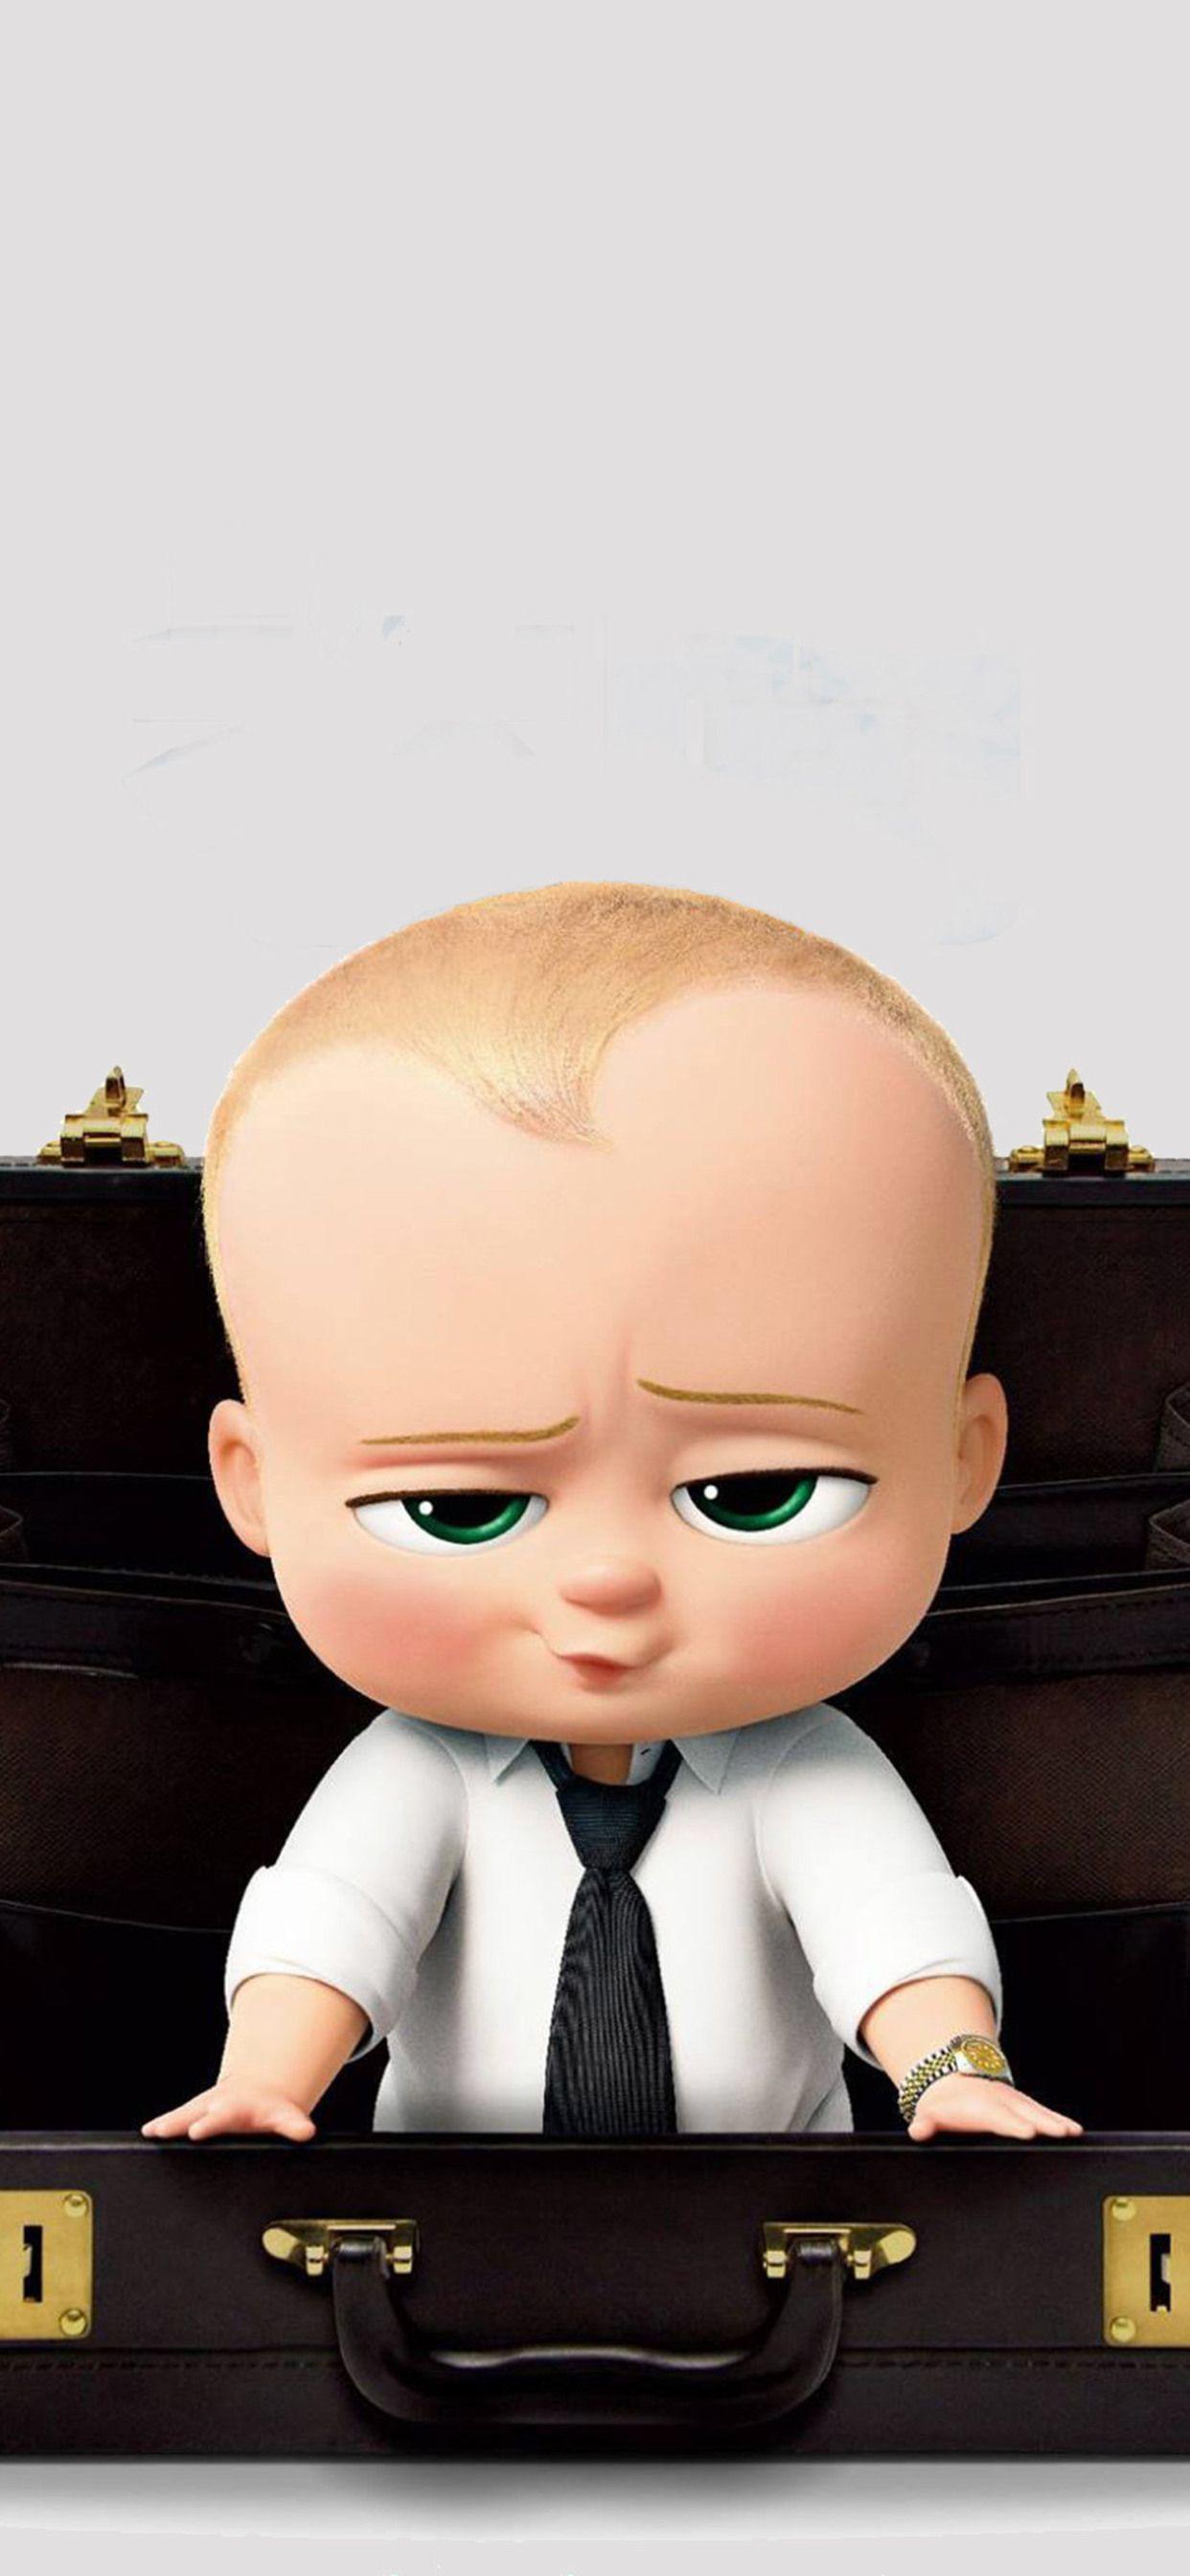 iphonewallpaper androidwallpaper Boss baby, Cartoon